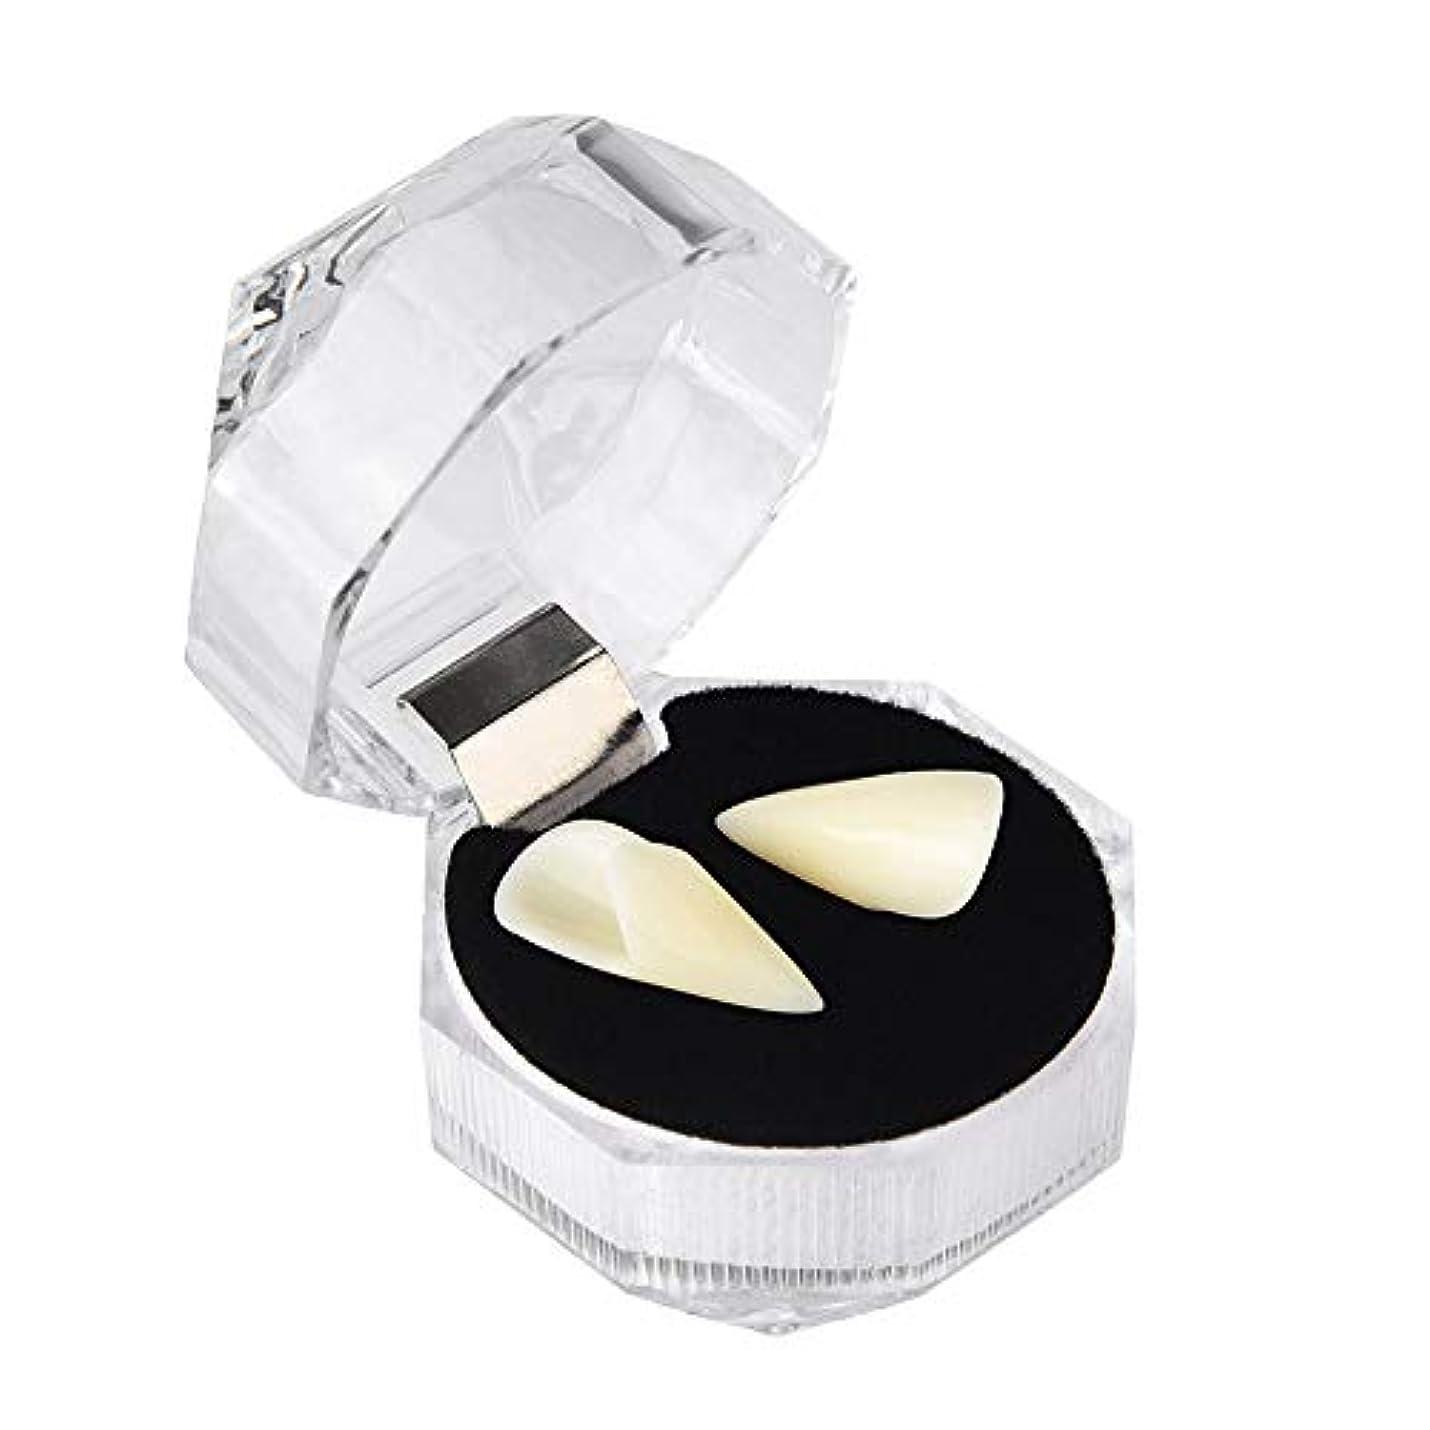 明日敬の念装置ユニセックスハロウィーンロールプレイングゾンビ義歯、樹脂にやさしい食品グレード義歯(13mm、15mm、17mm、19mm),19mm